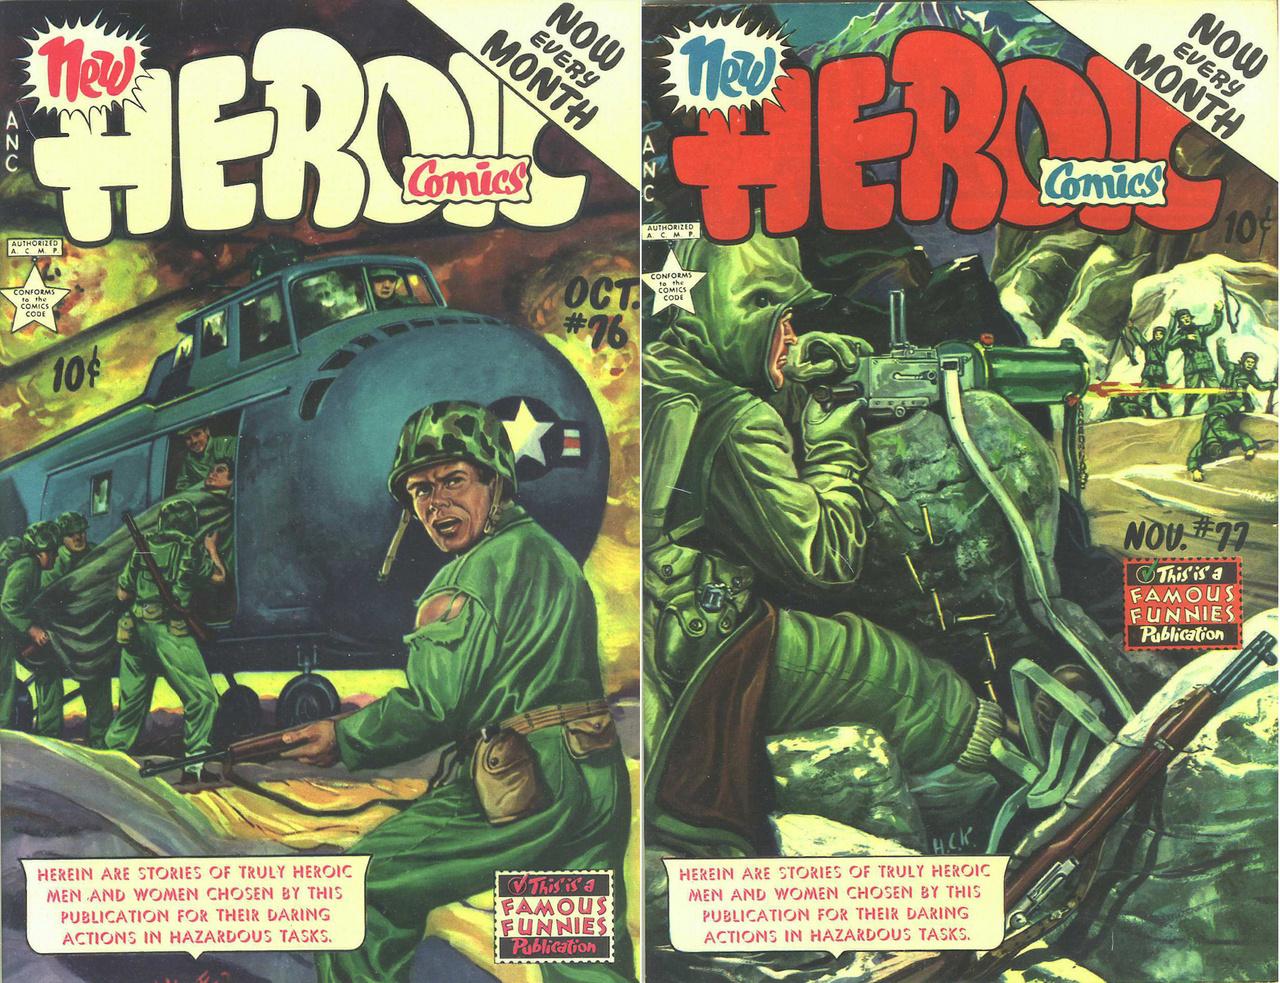 A Famous Funnies eredetileg könnyed szórakozással szolgáló képregénykiadó is csatasorba állt a Heroic Comics című, tízcentes, propagandacélú kiadványaival.